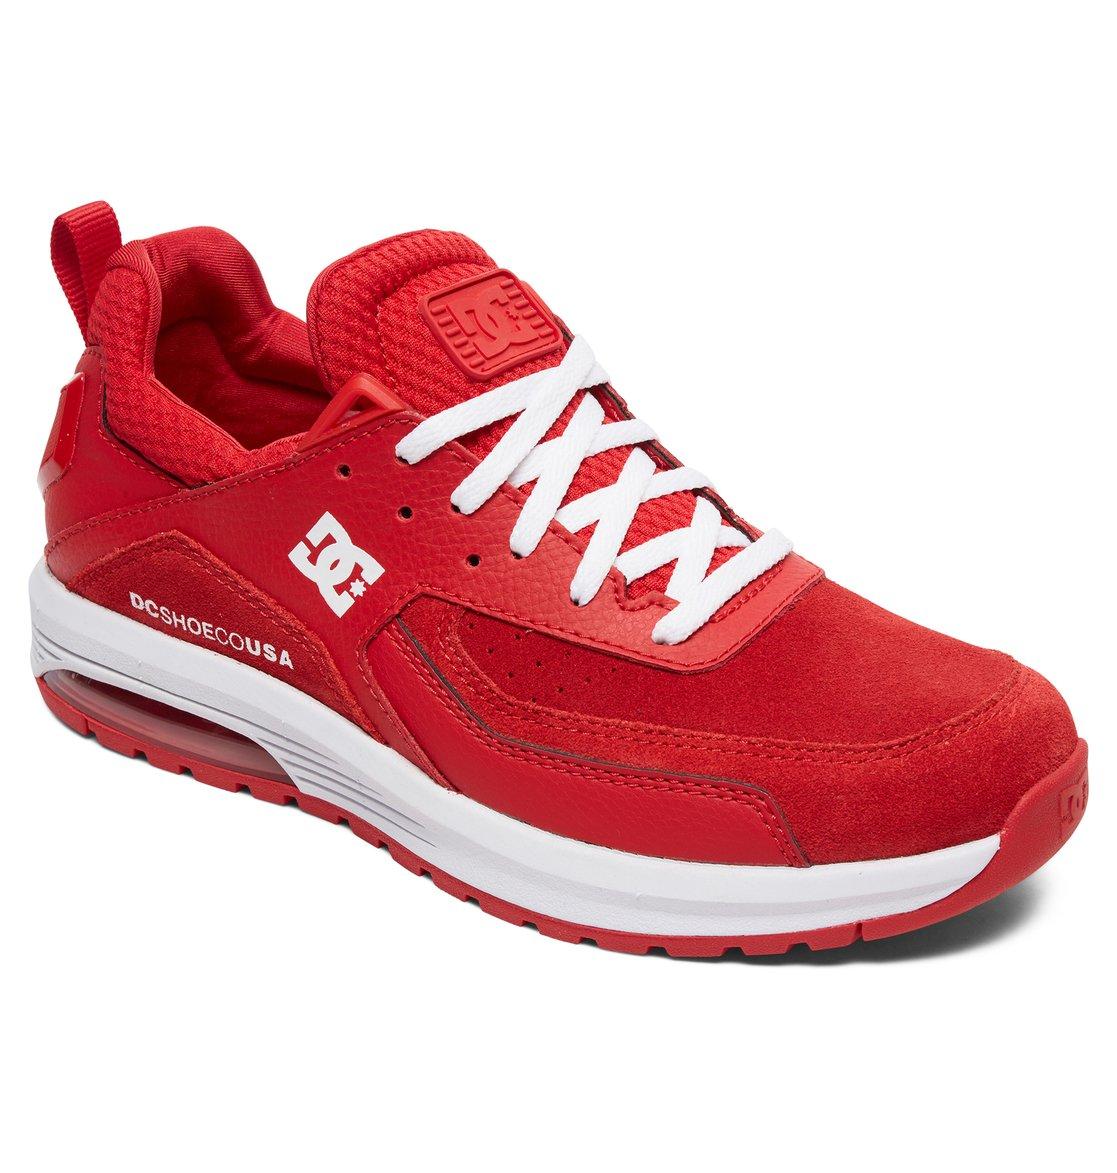 DC-Shoes-Vandium-SE-Baskets-pour-Femme-ADJS200026 miniature 18